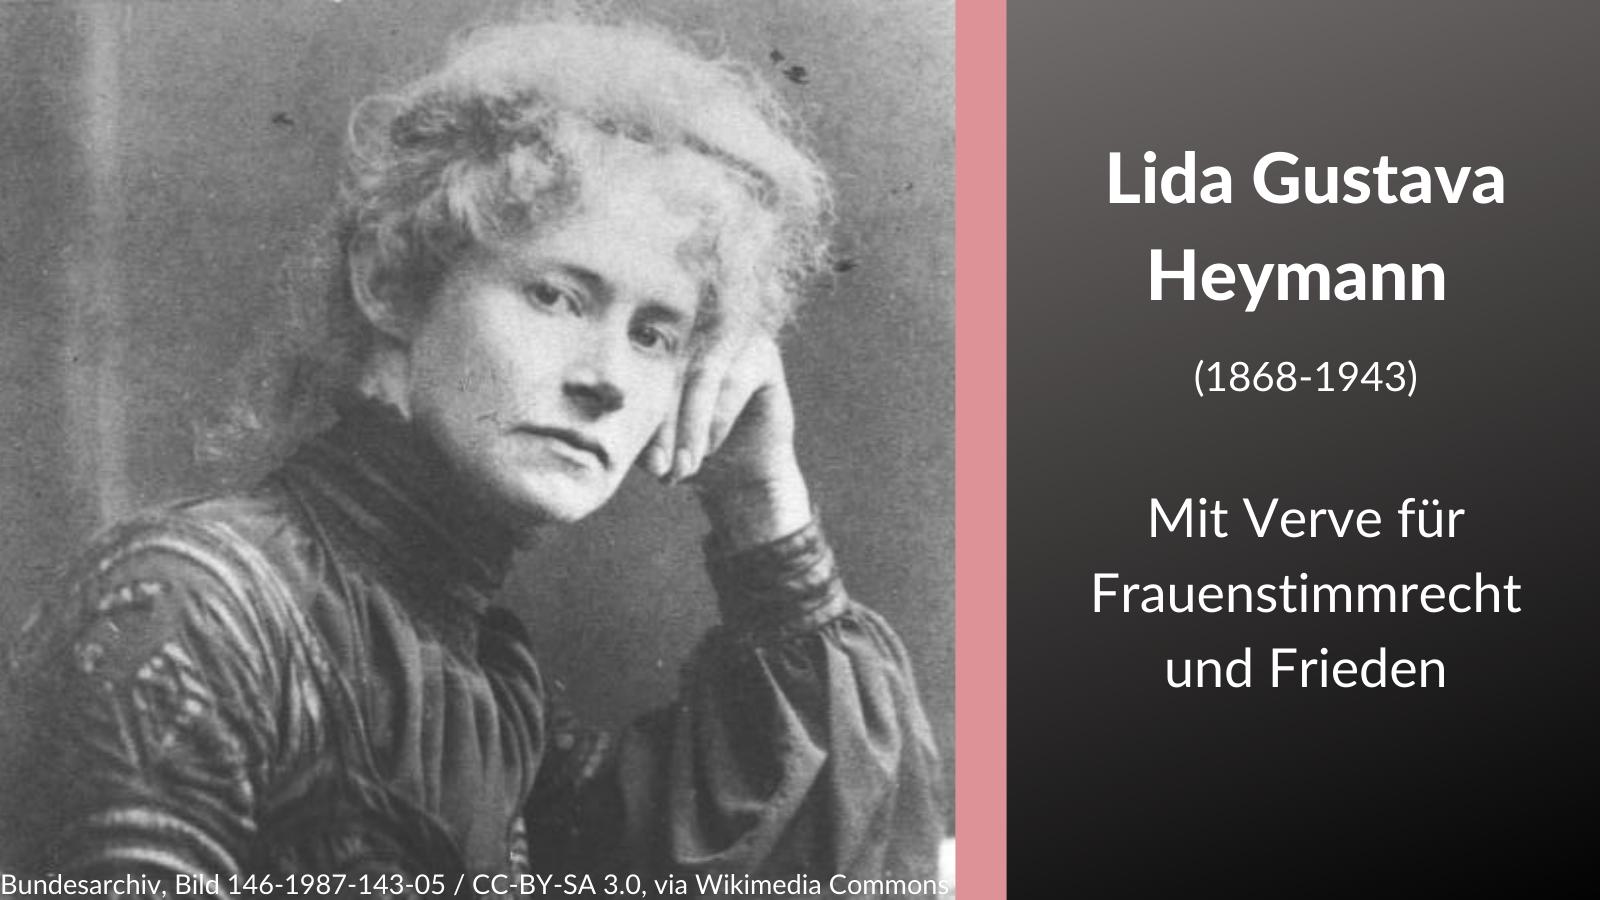 Lida Gustava Heymann – Mit Verve für Frauenstimmrecht und Frieden